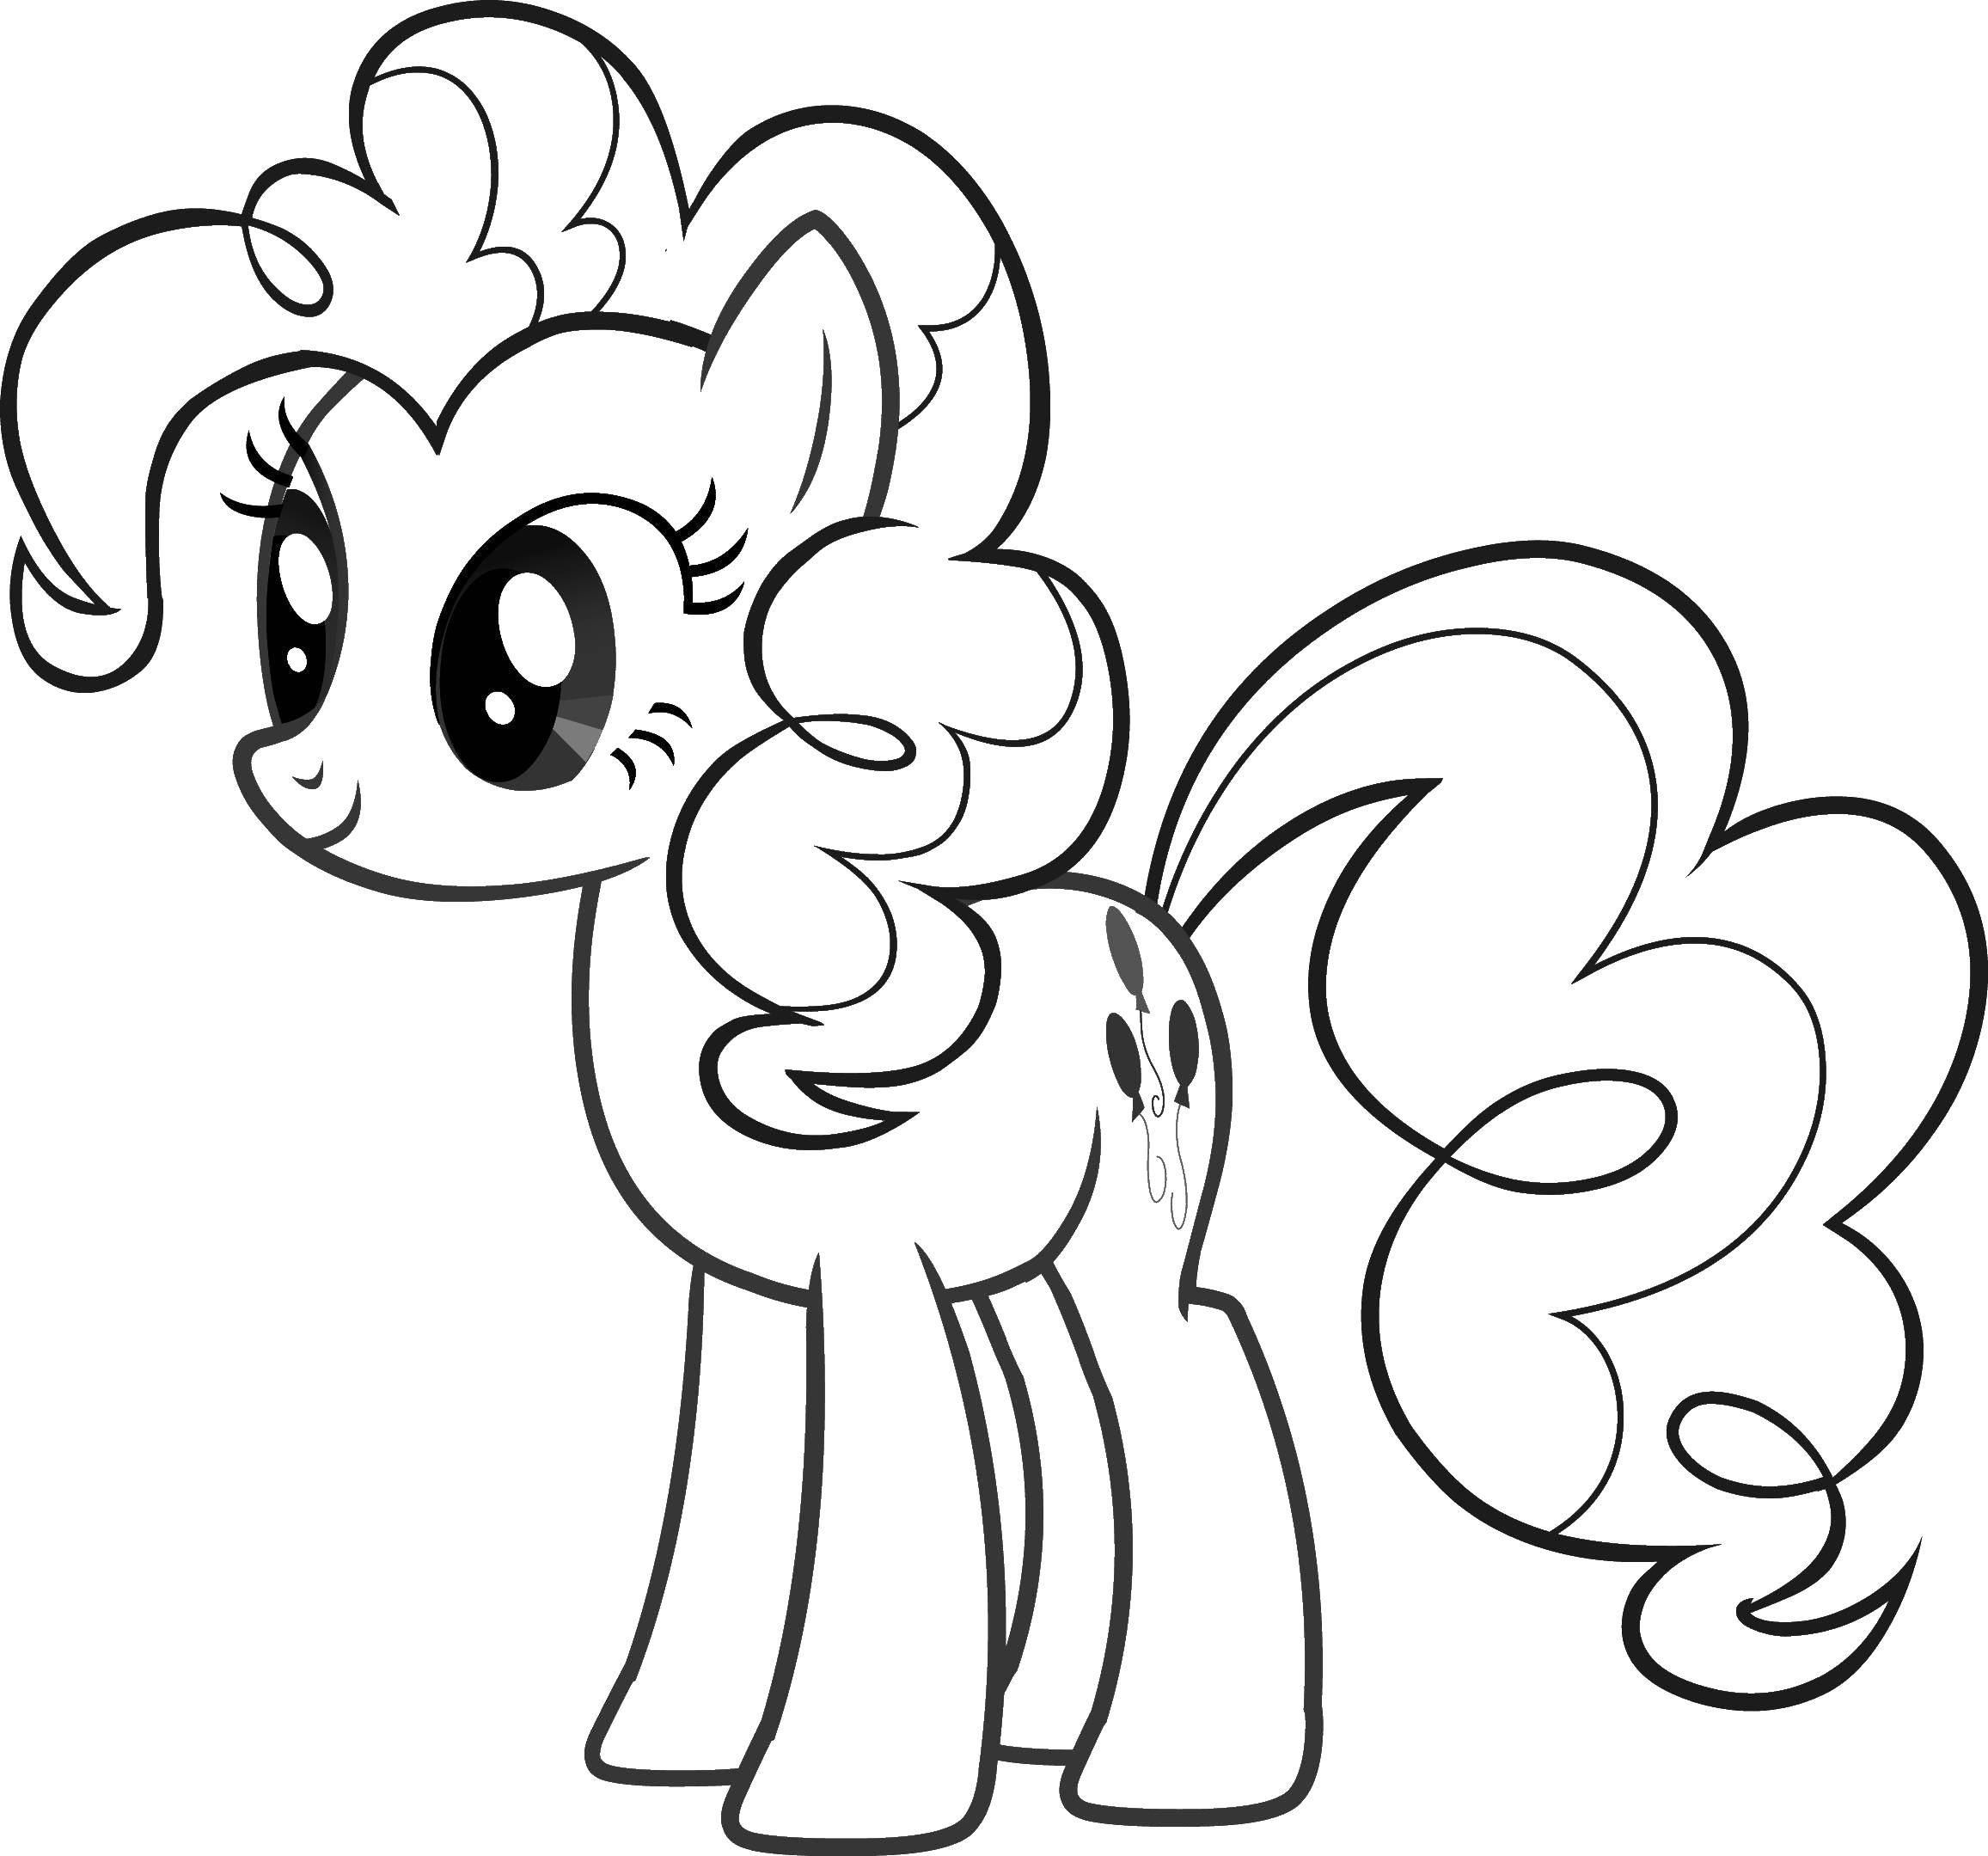 Раскраска Пони с красивой гривой и хвостом. Скачать пони, лошади, сказки.  Распечатать ,Пони,